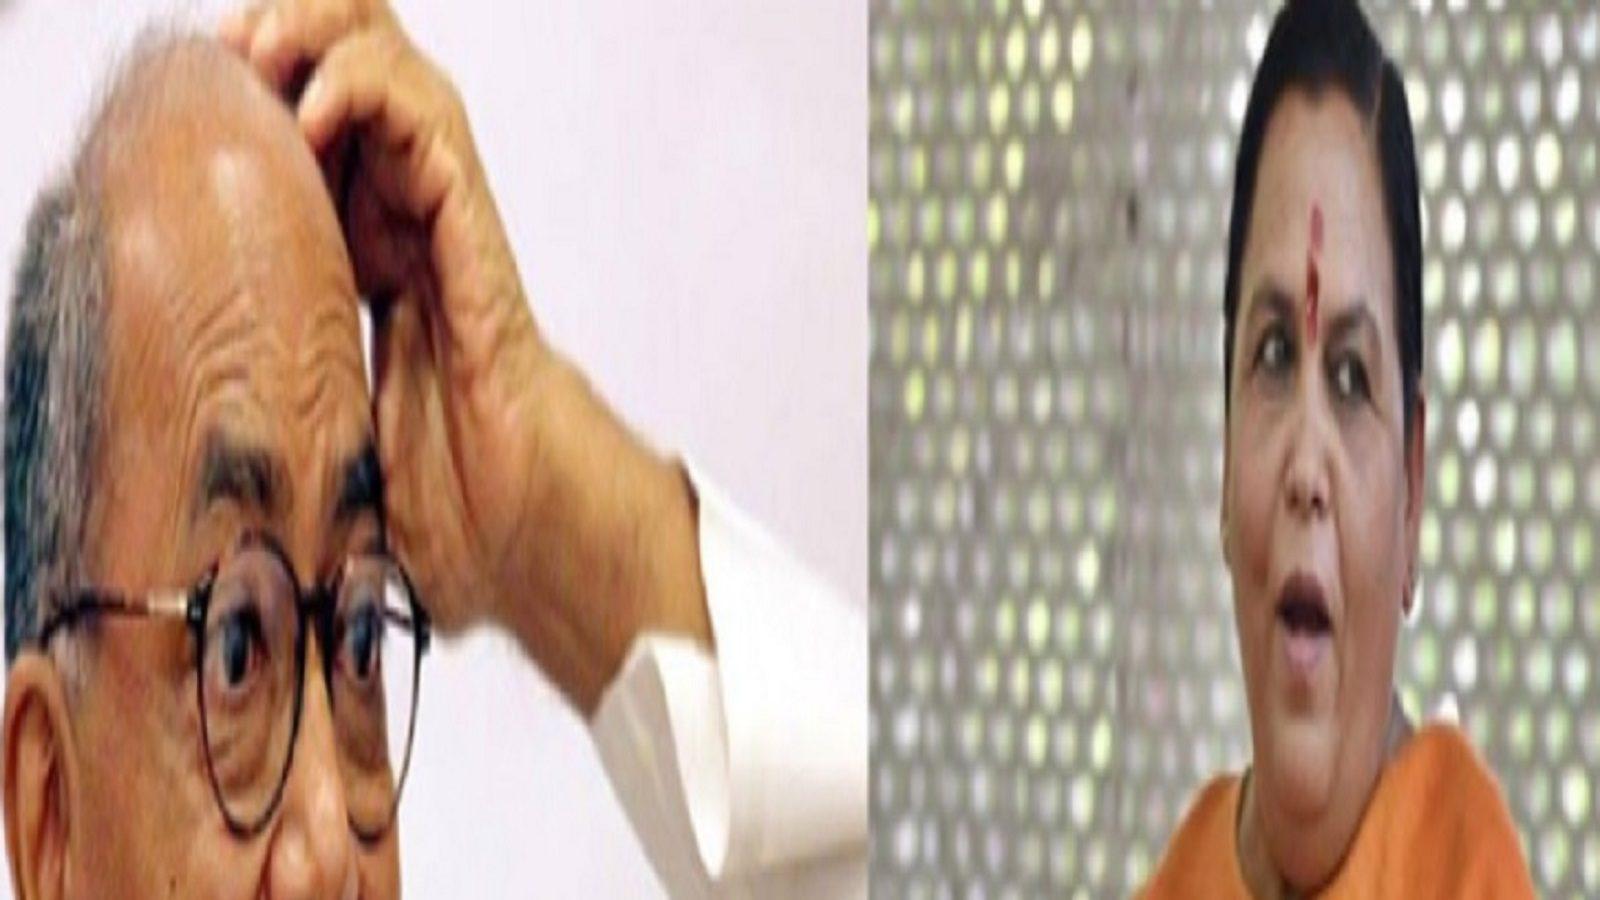 ब्यूरोक्रेसी पर वार-पलटवार : उमा भारती ने दिग्विजय सिंह को लिखी चिट्ठी-दादा आपकी सच्ची में लाड़ली बहन…